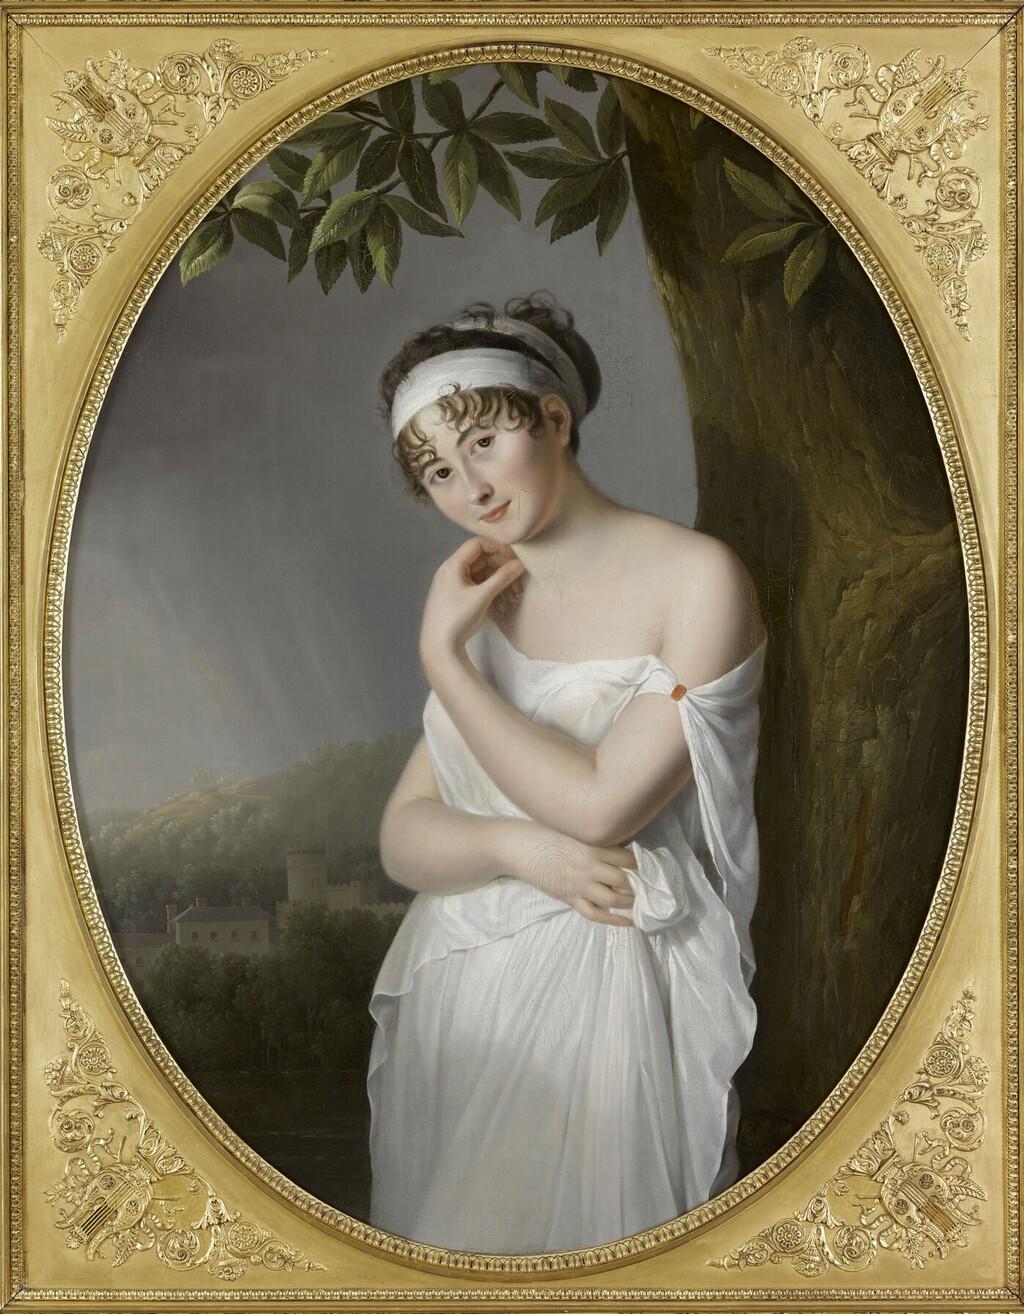 Exposition : Peintres femmes 1780-1830, naissance d'un combat. Au musée du Luxembourg Paris Juliet12